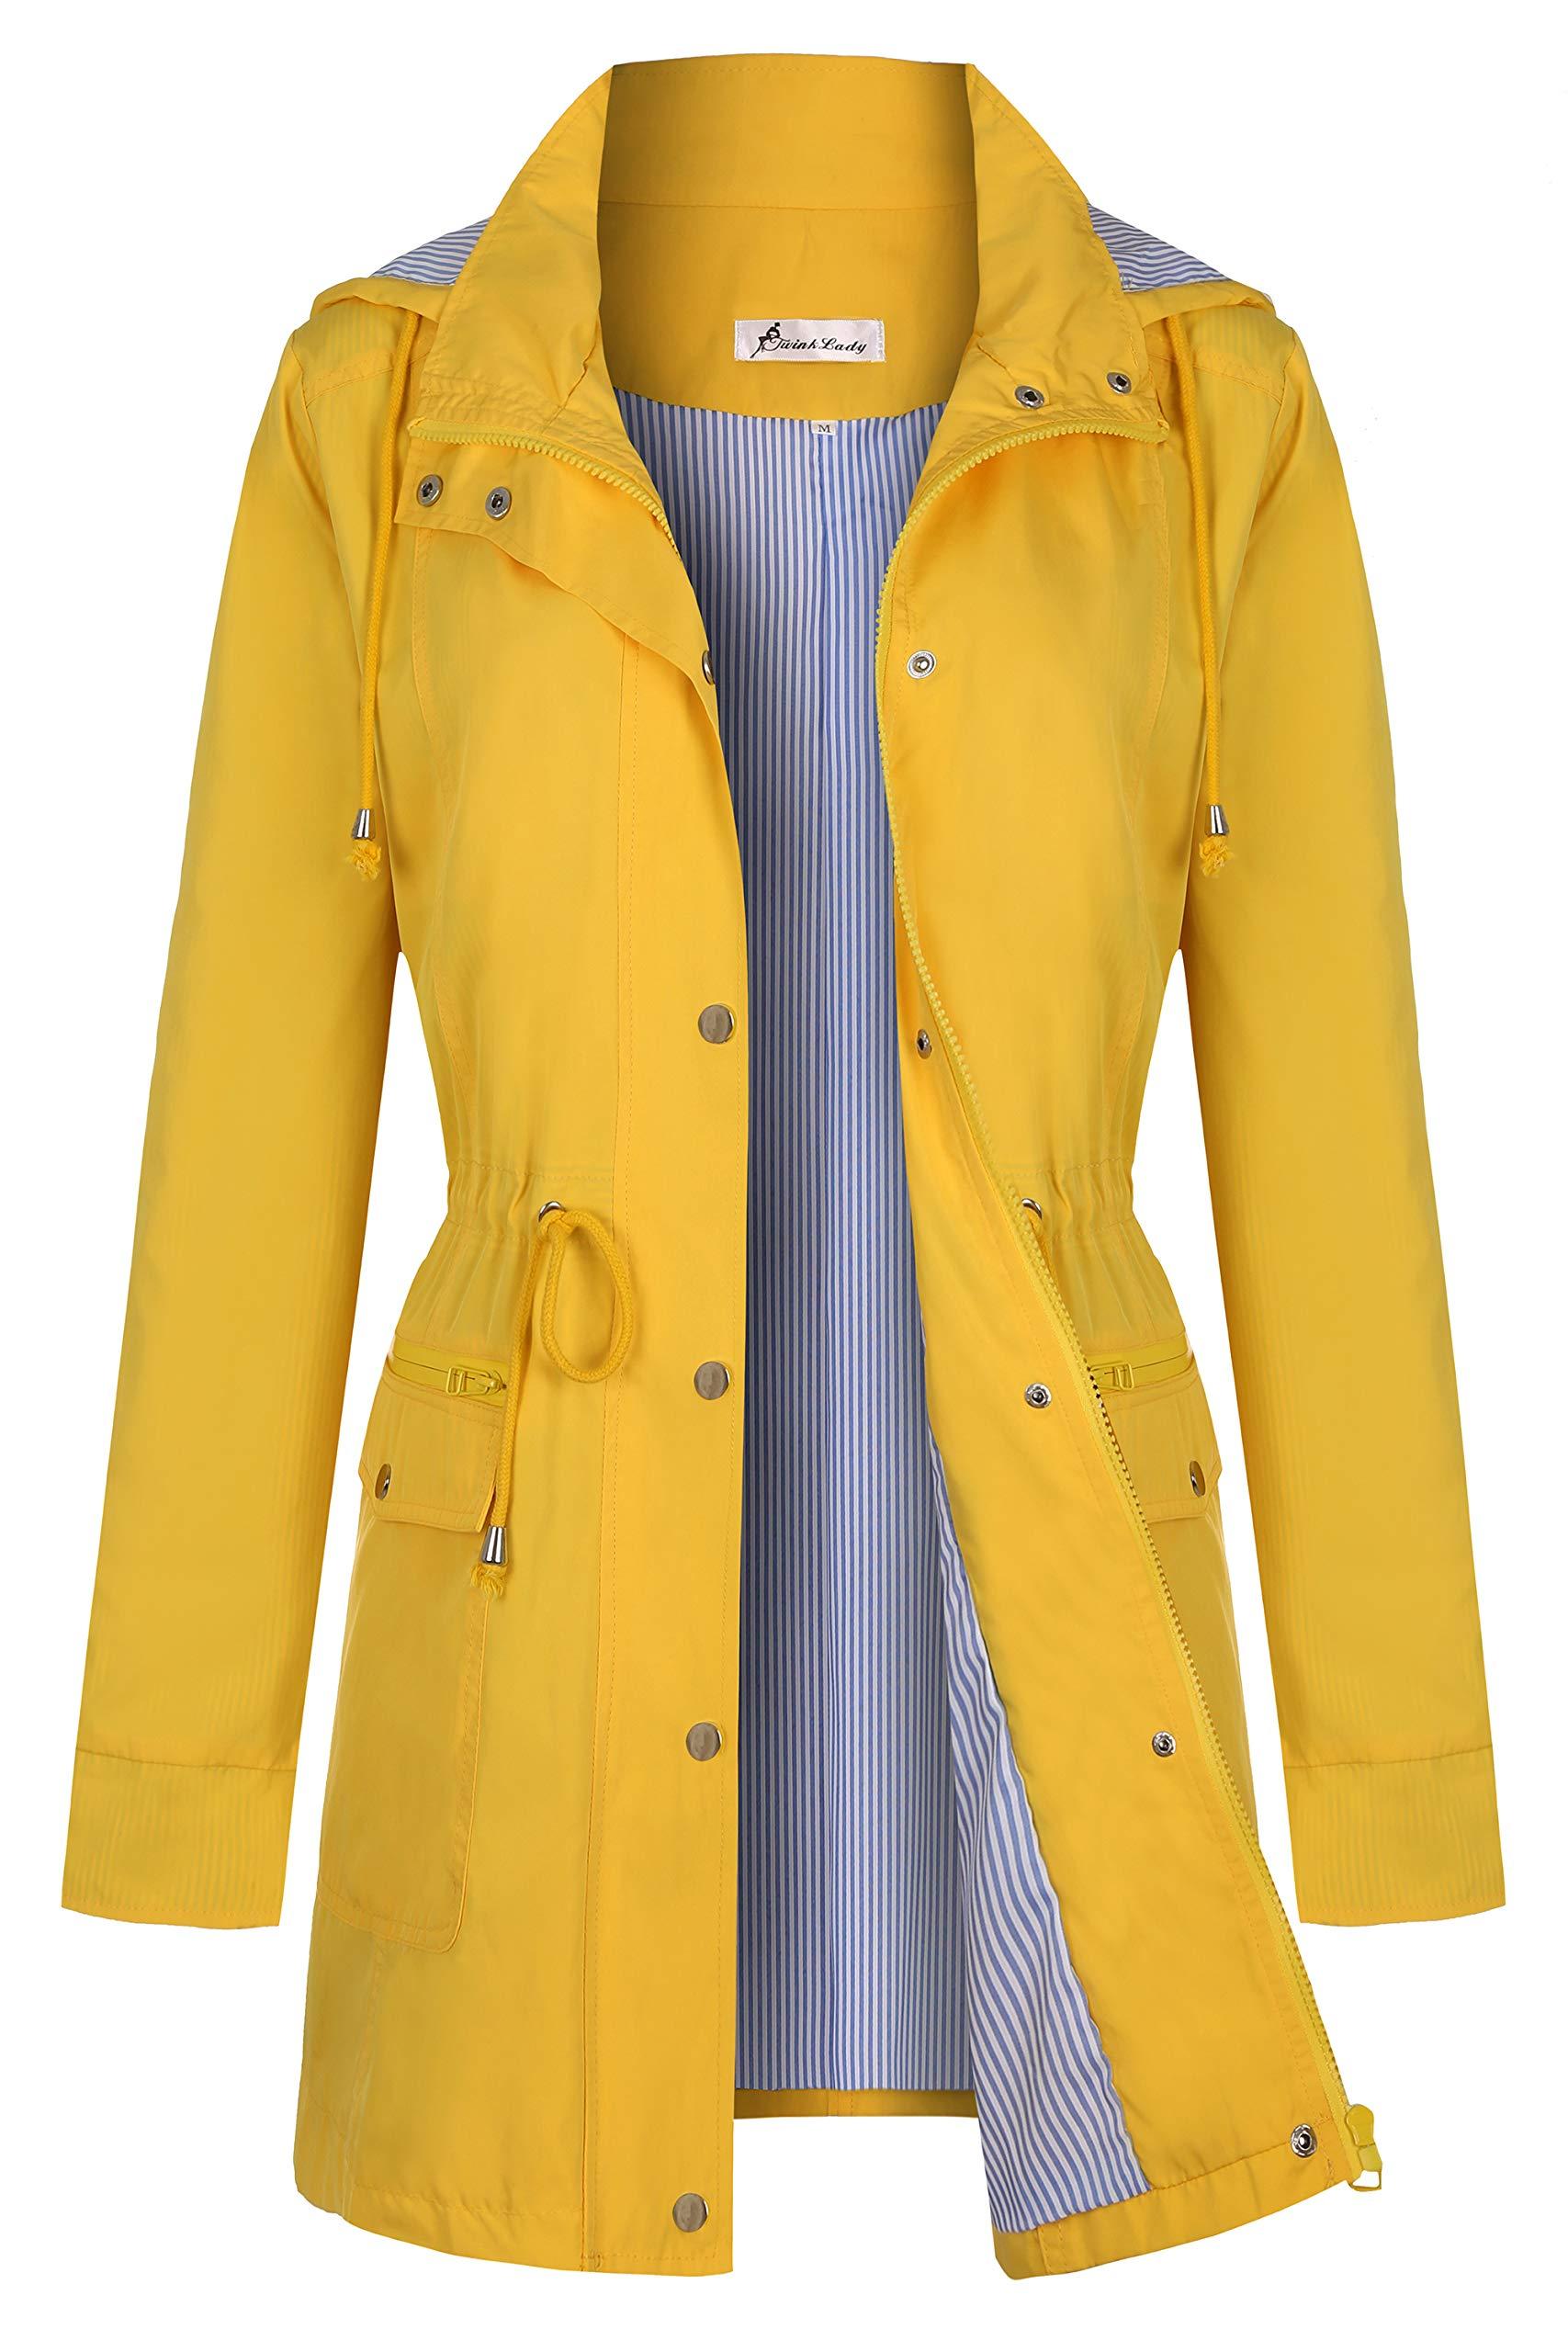 Twinklady Women's Rain Jacket Windbreaker Climbing Raincoats Waterproof Lightweight Outdoor Hooded Trench Coats Yellow XL by Twinklady